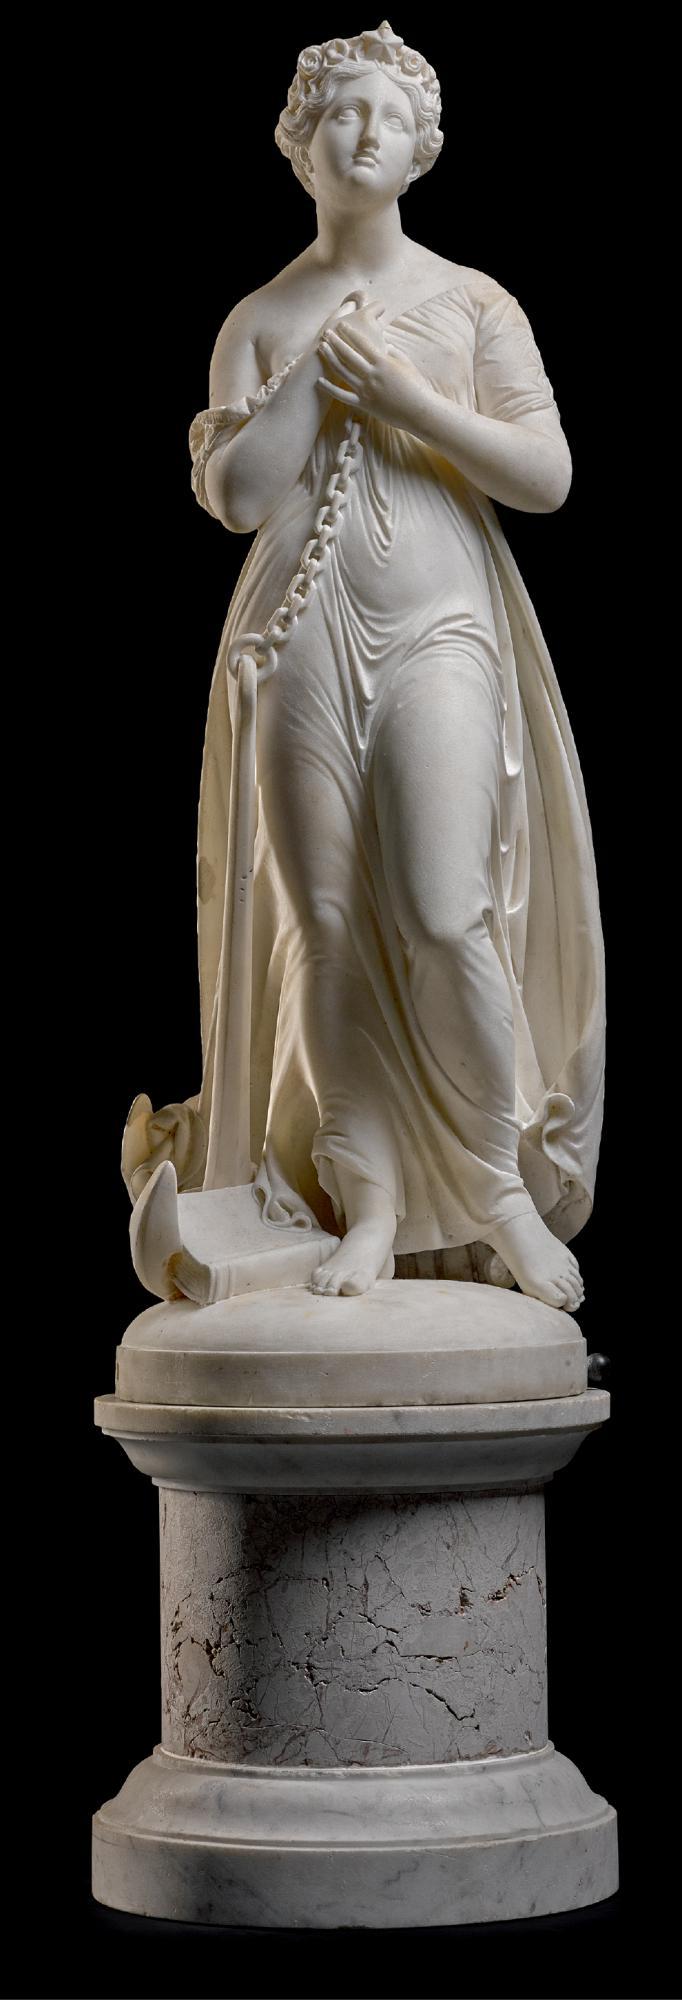 GIOVANNI MARIA BENZONI | LA SPERANZA (ALLEGORY OF HOPE)